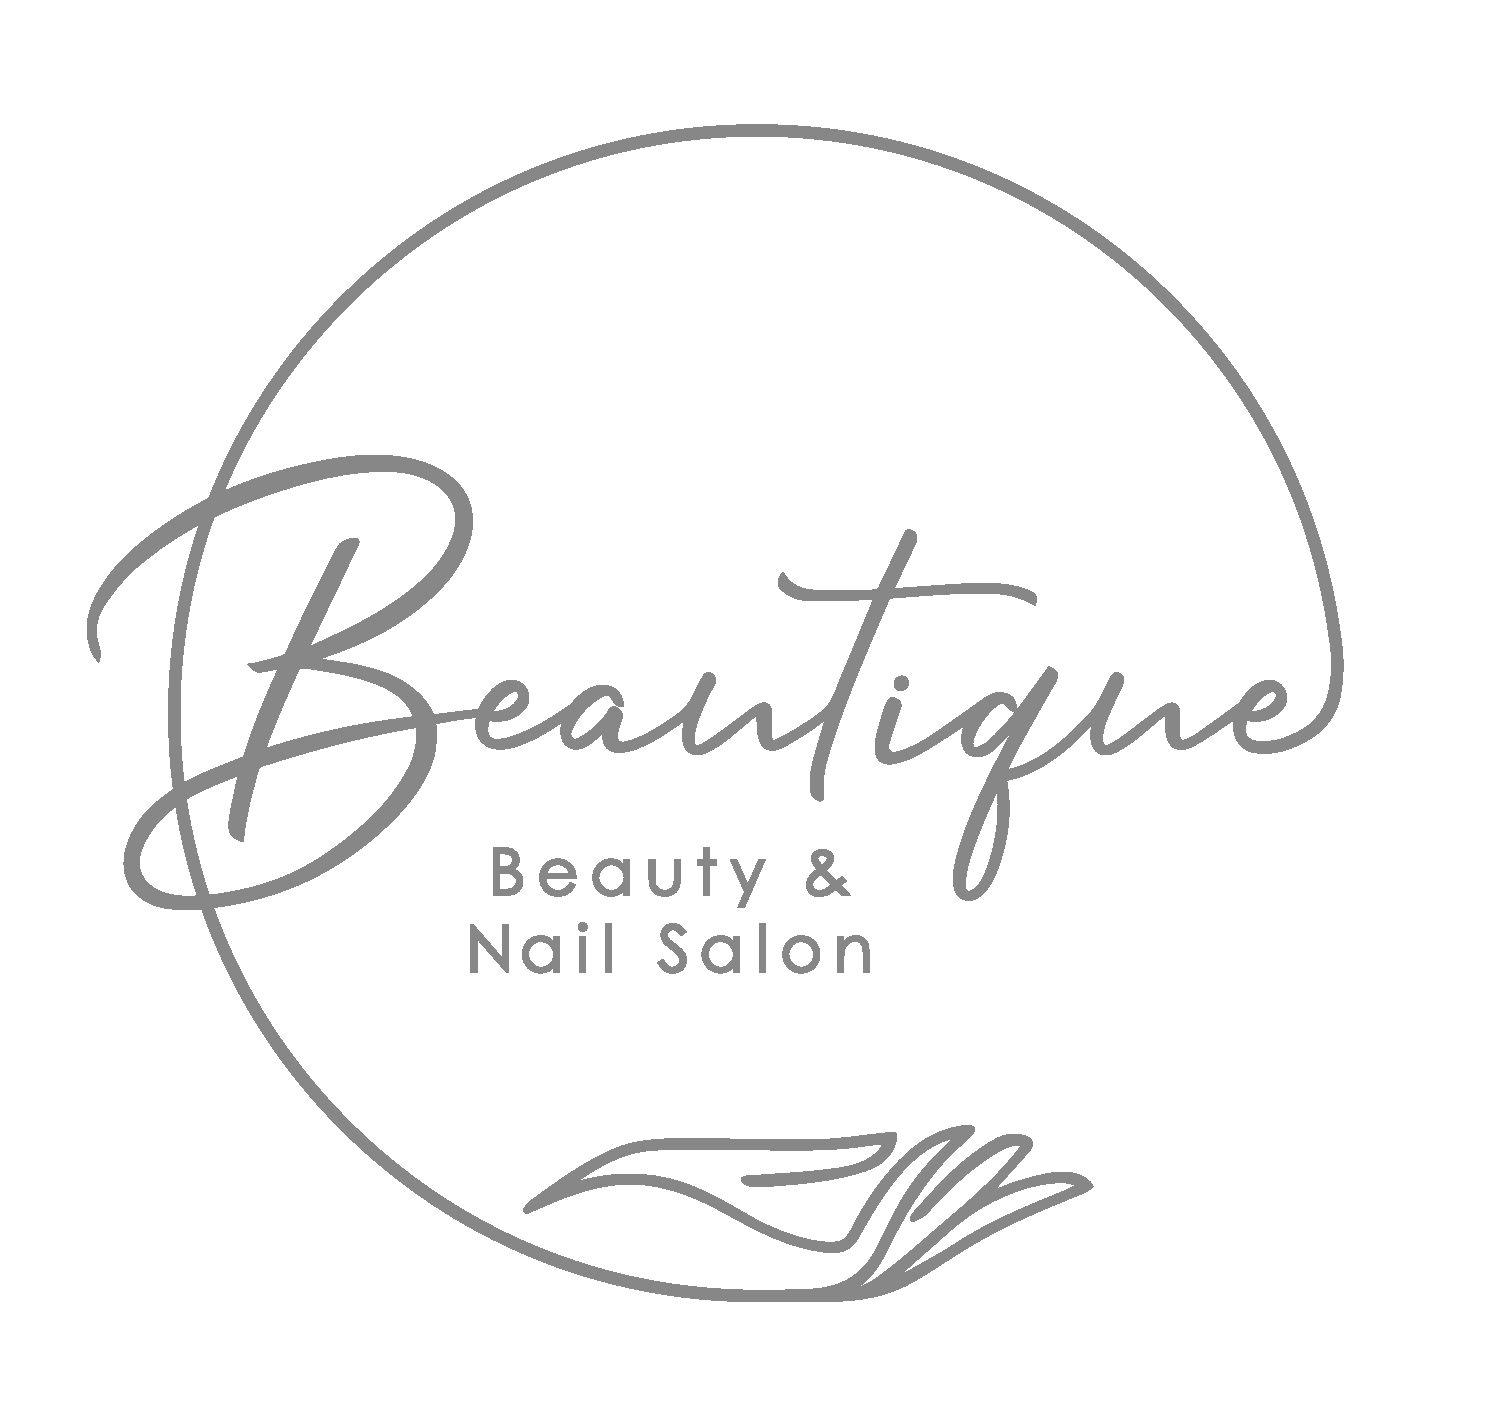 Odiham Beautique